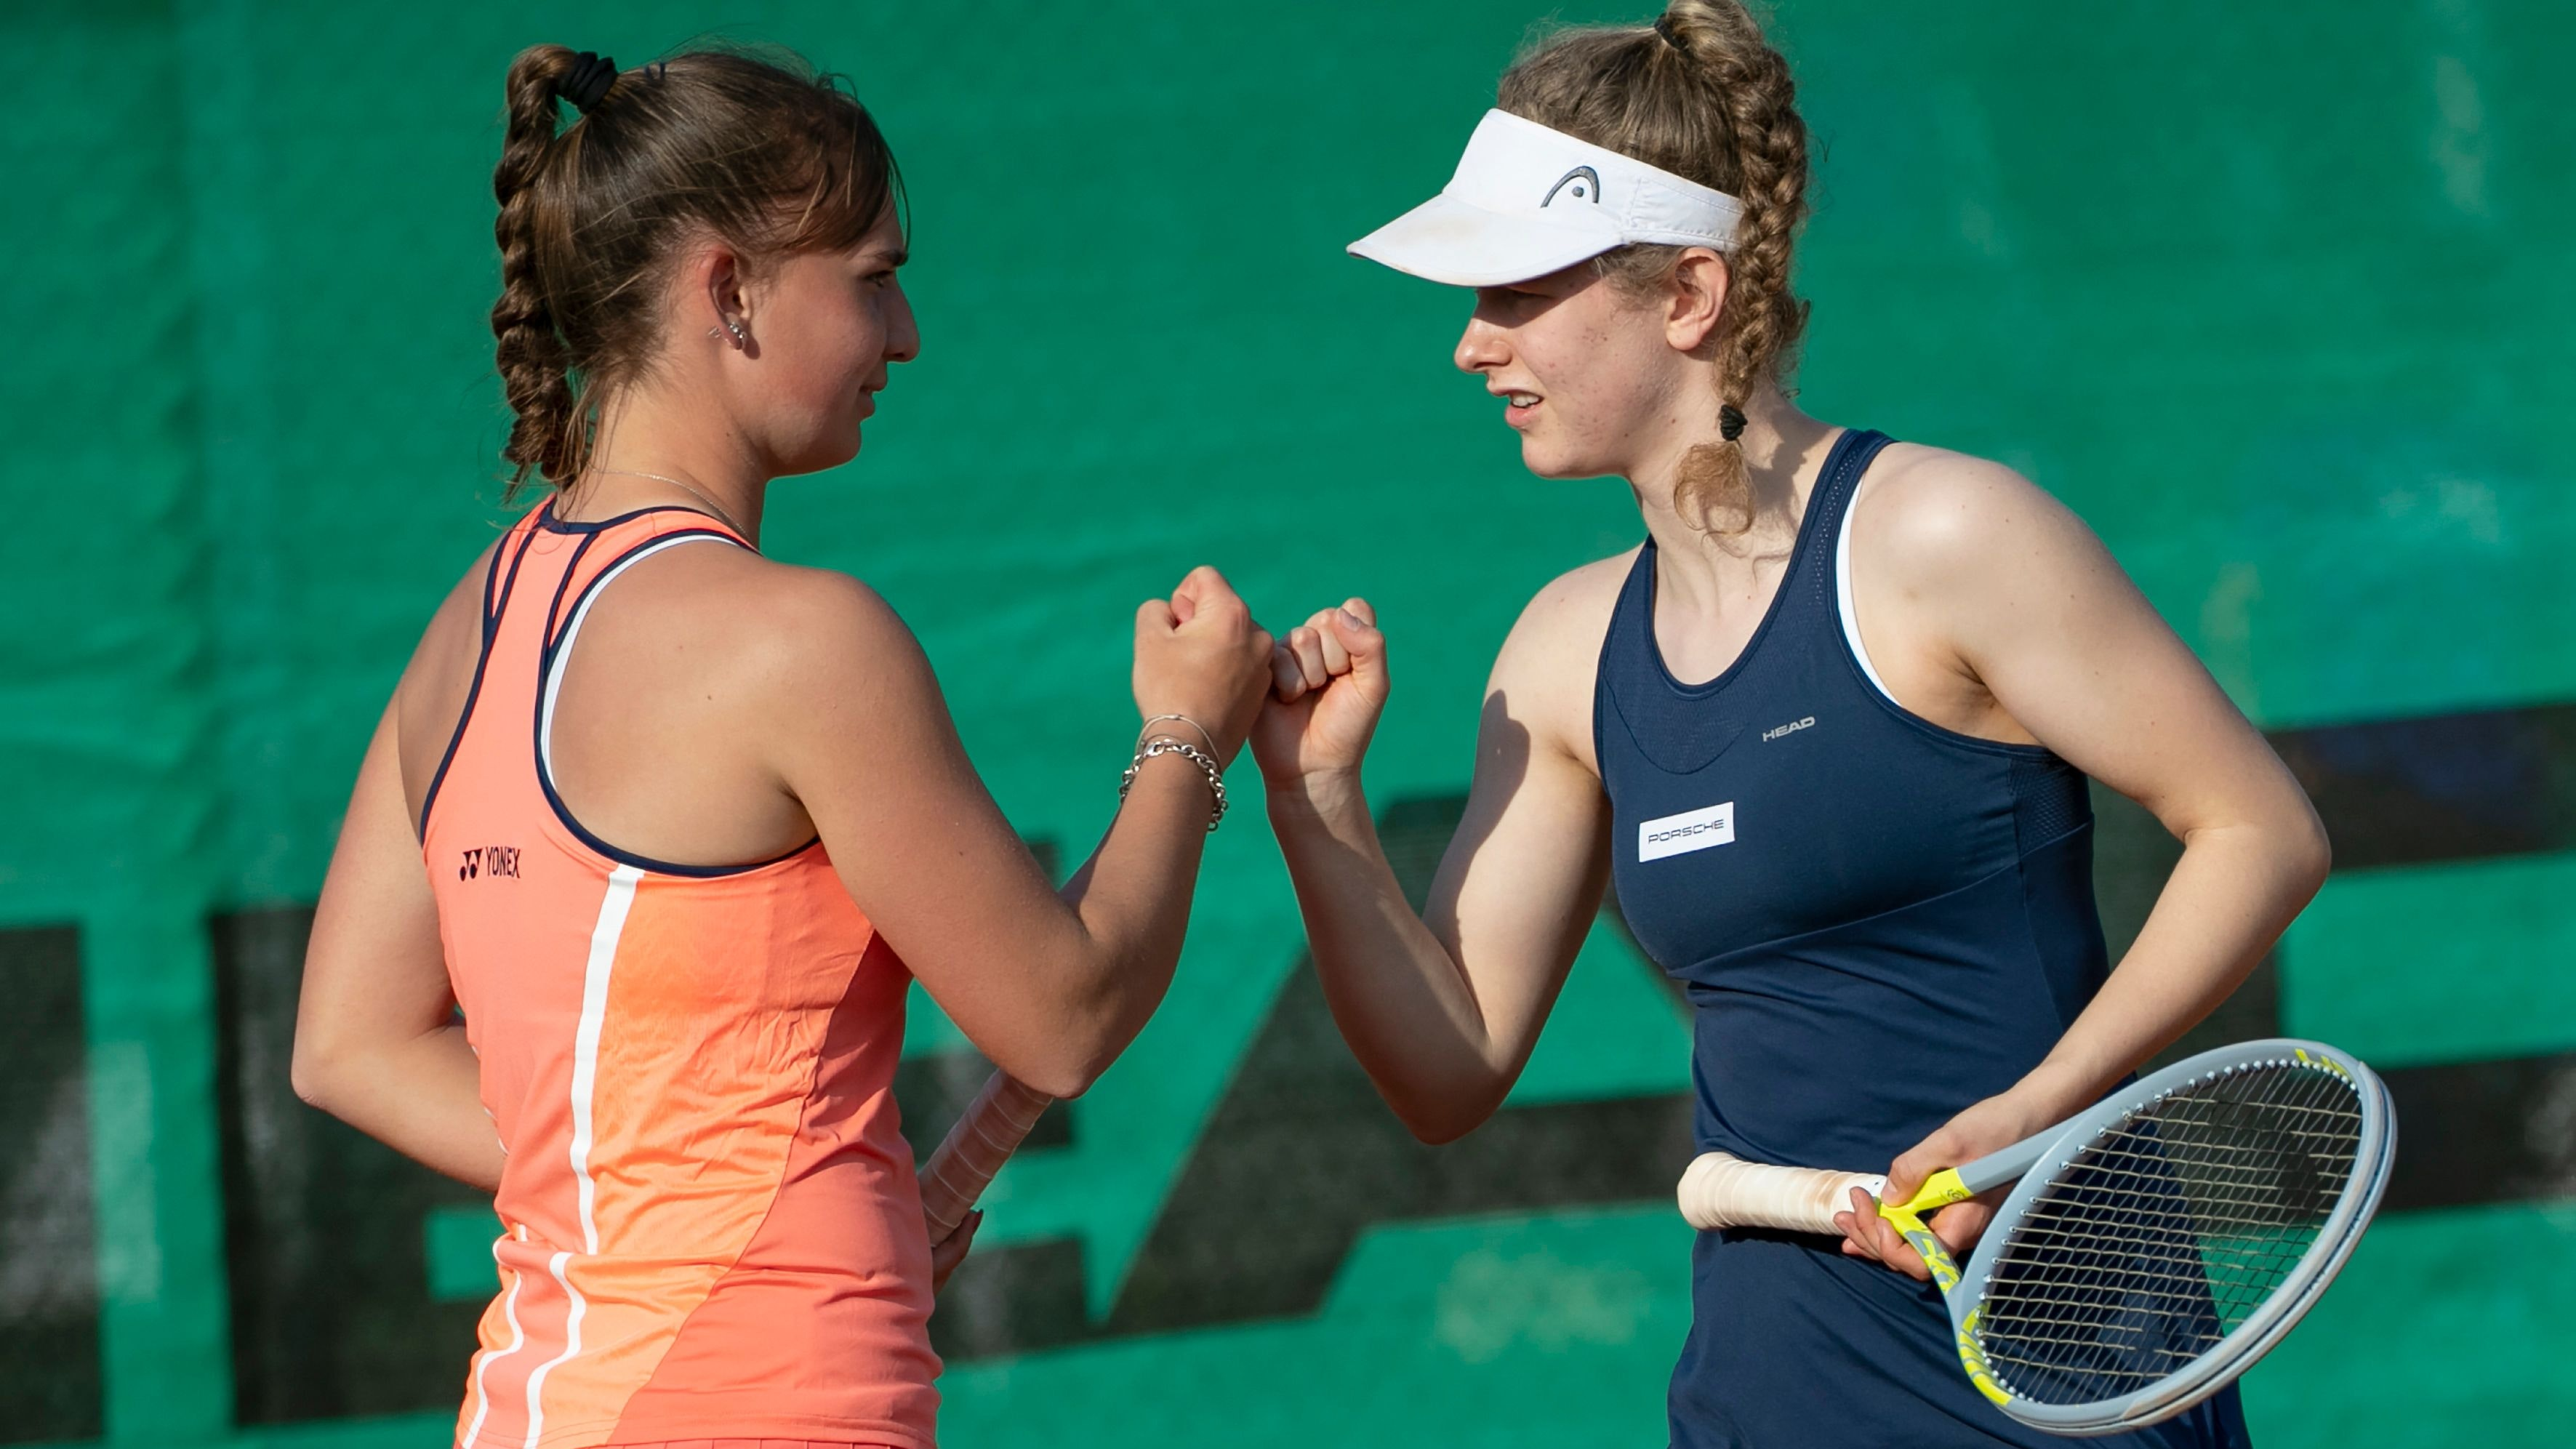 Stehen im EM-Finale: Mara Guth (links) und Julia Middendorf. Foto: Hasenkopf